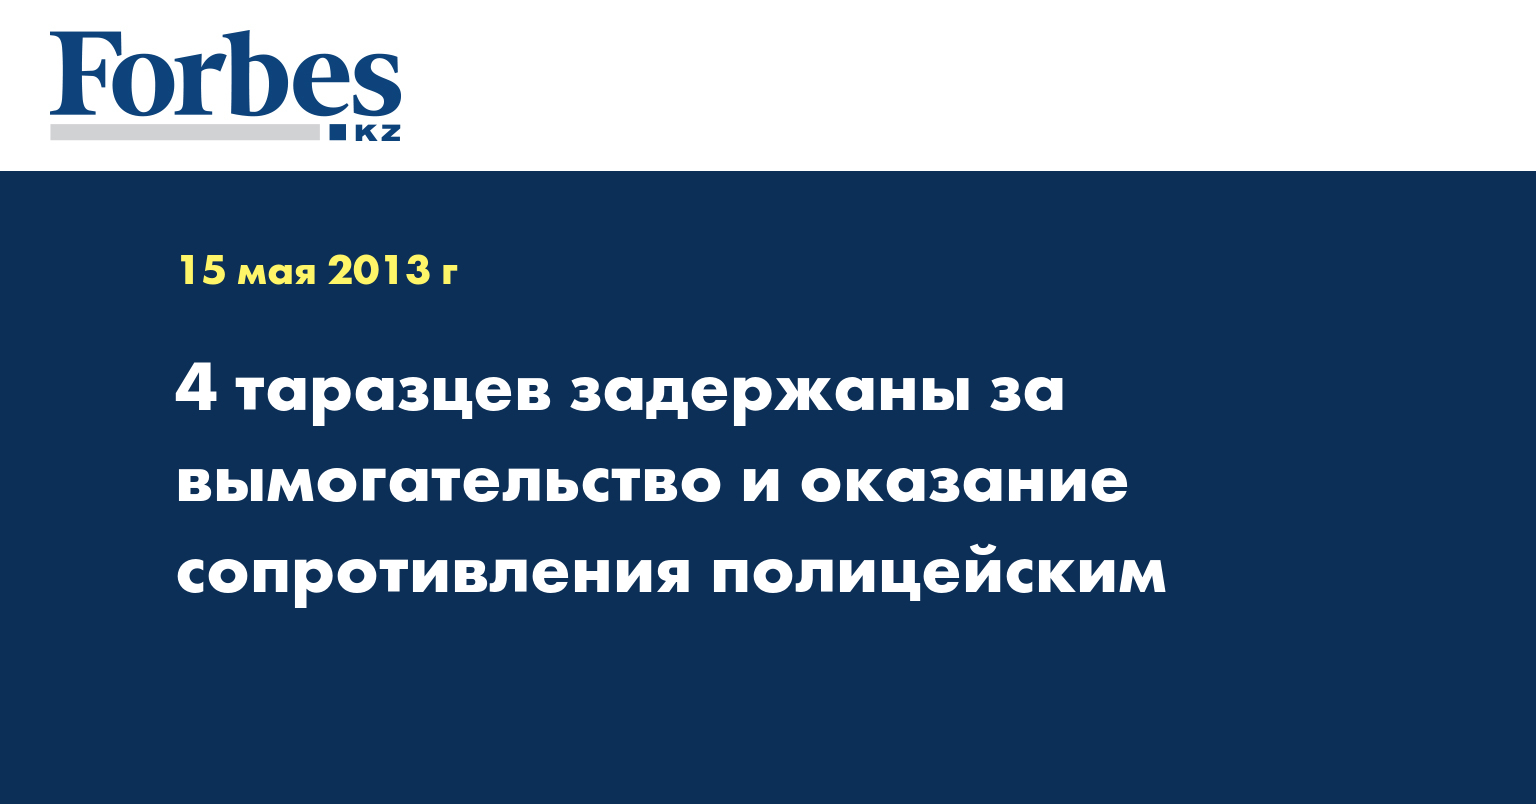 4 таразцев задержаны за вымогательство и оказание сопротивления полицейским